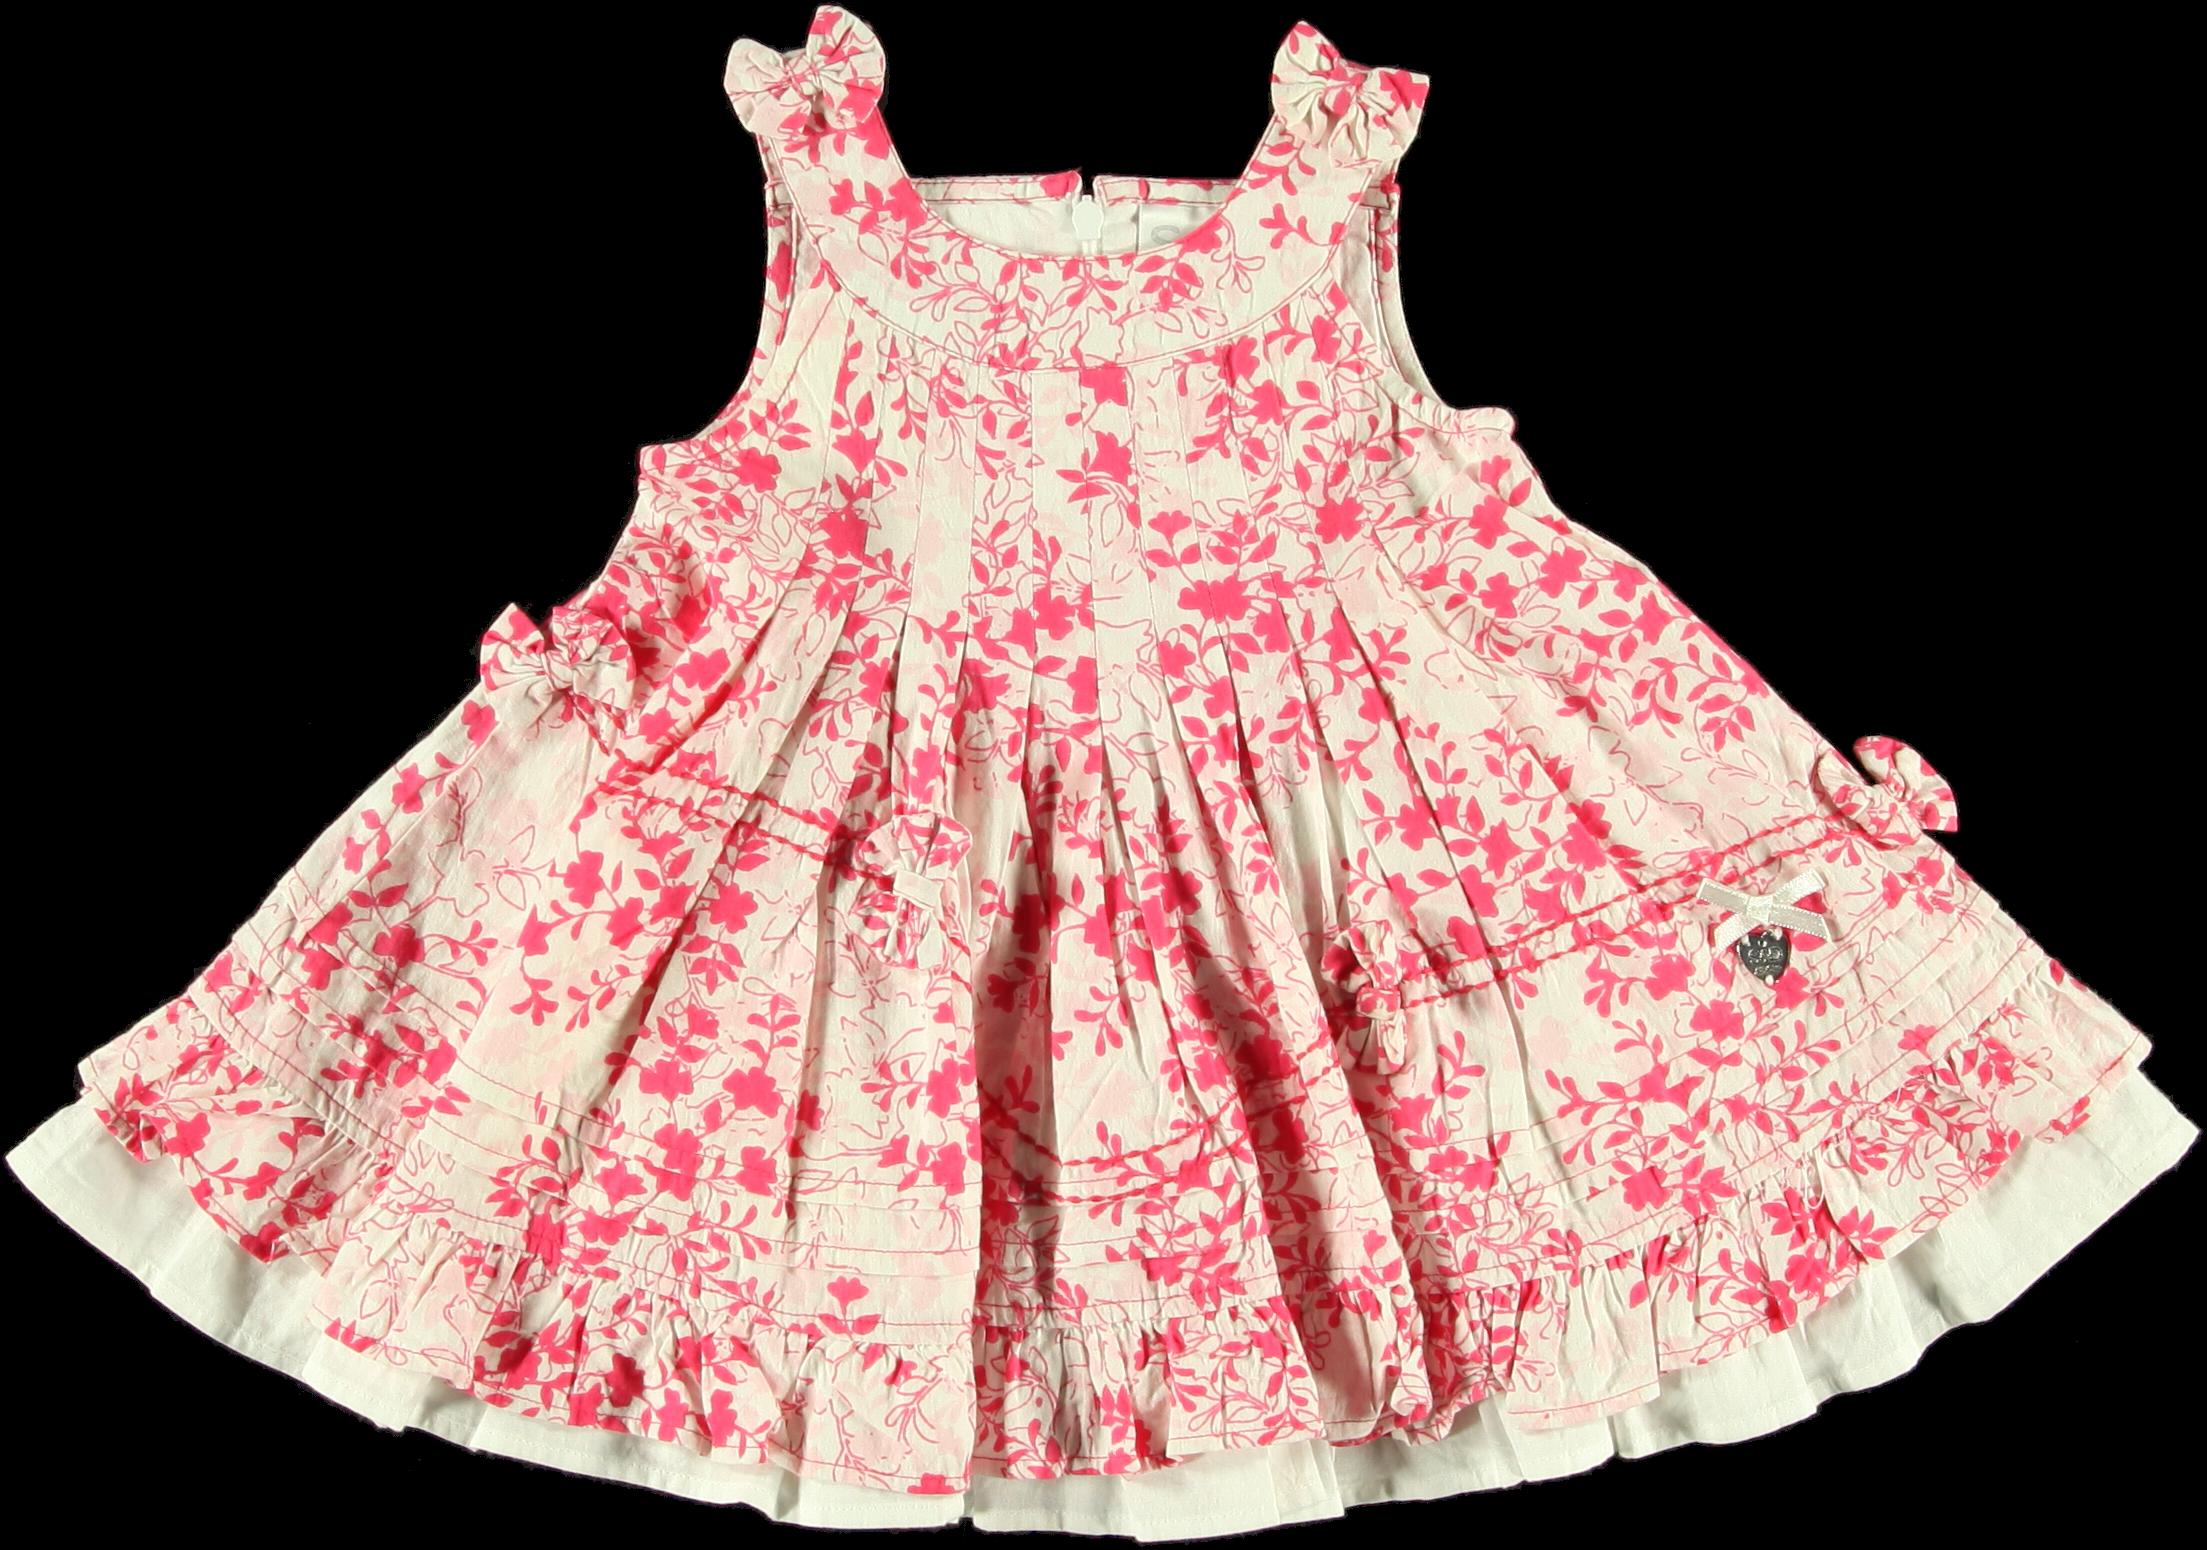 Este vestido de flores es ideal para el verano! Ver más vestidos ...